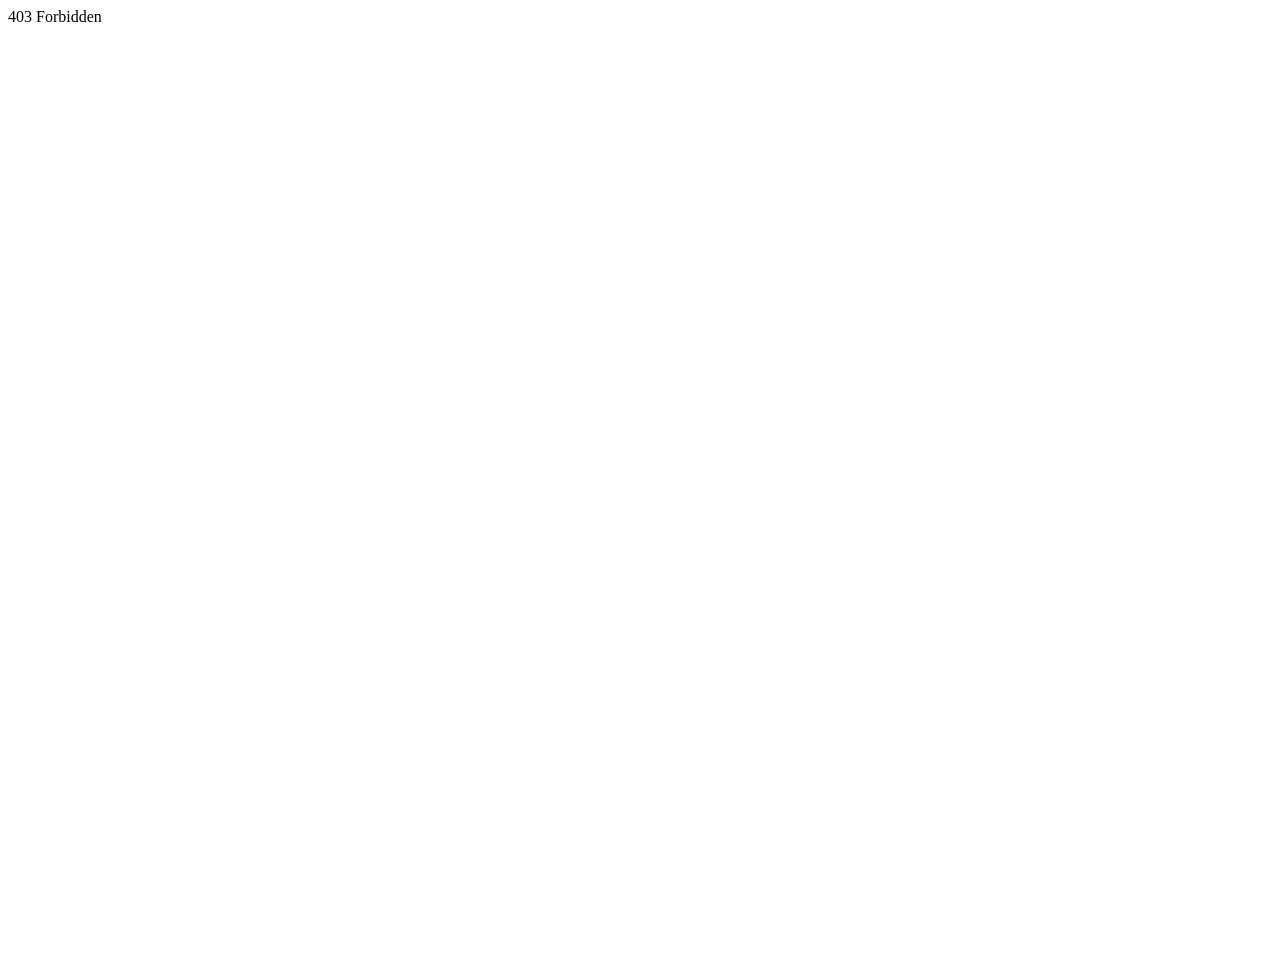 福島日石株式会社